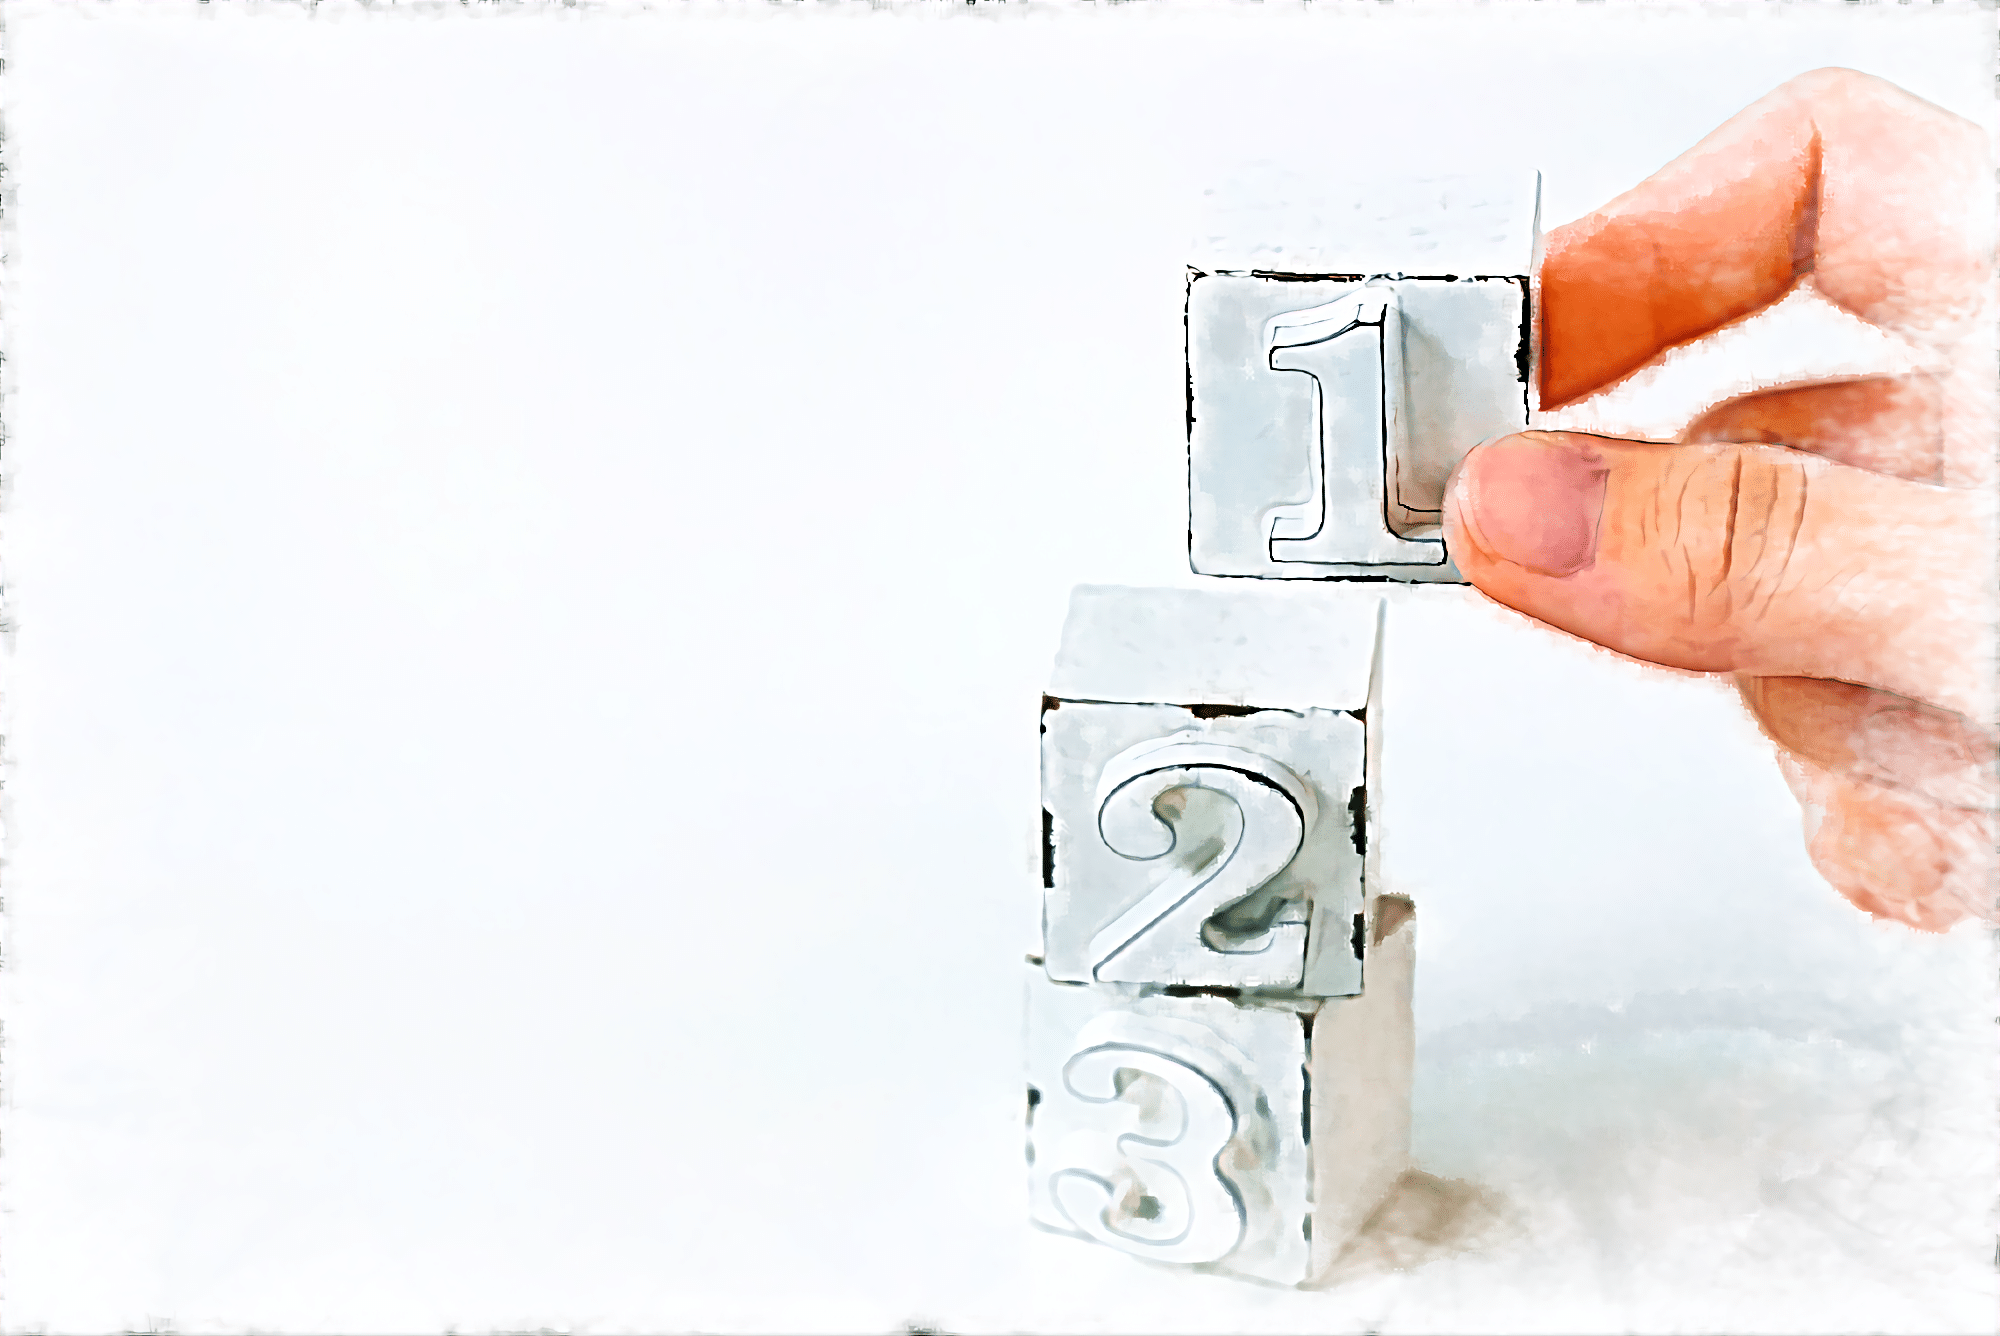 番号の書かれた積み木を持つ手